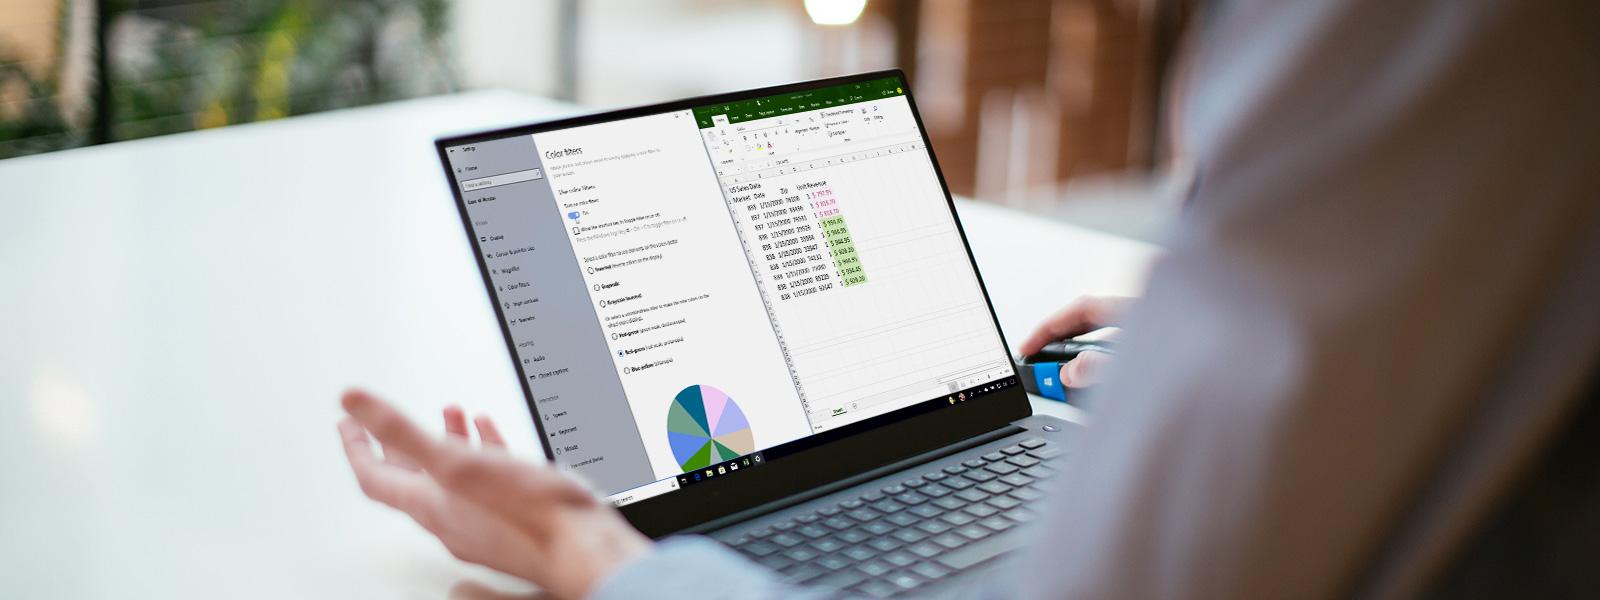 Inimene, kes kasutab sülearvutit, kus värvifiltrid on opsüsteemis Windows 10 lubatud